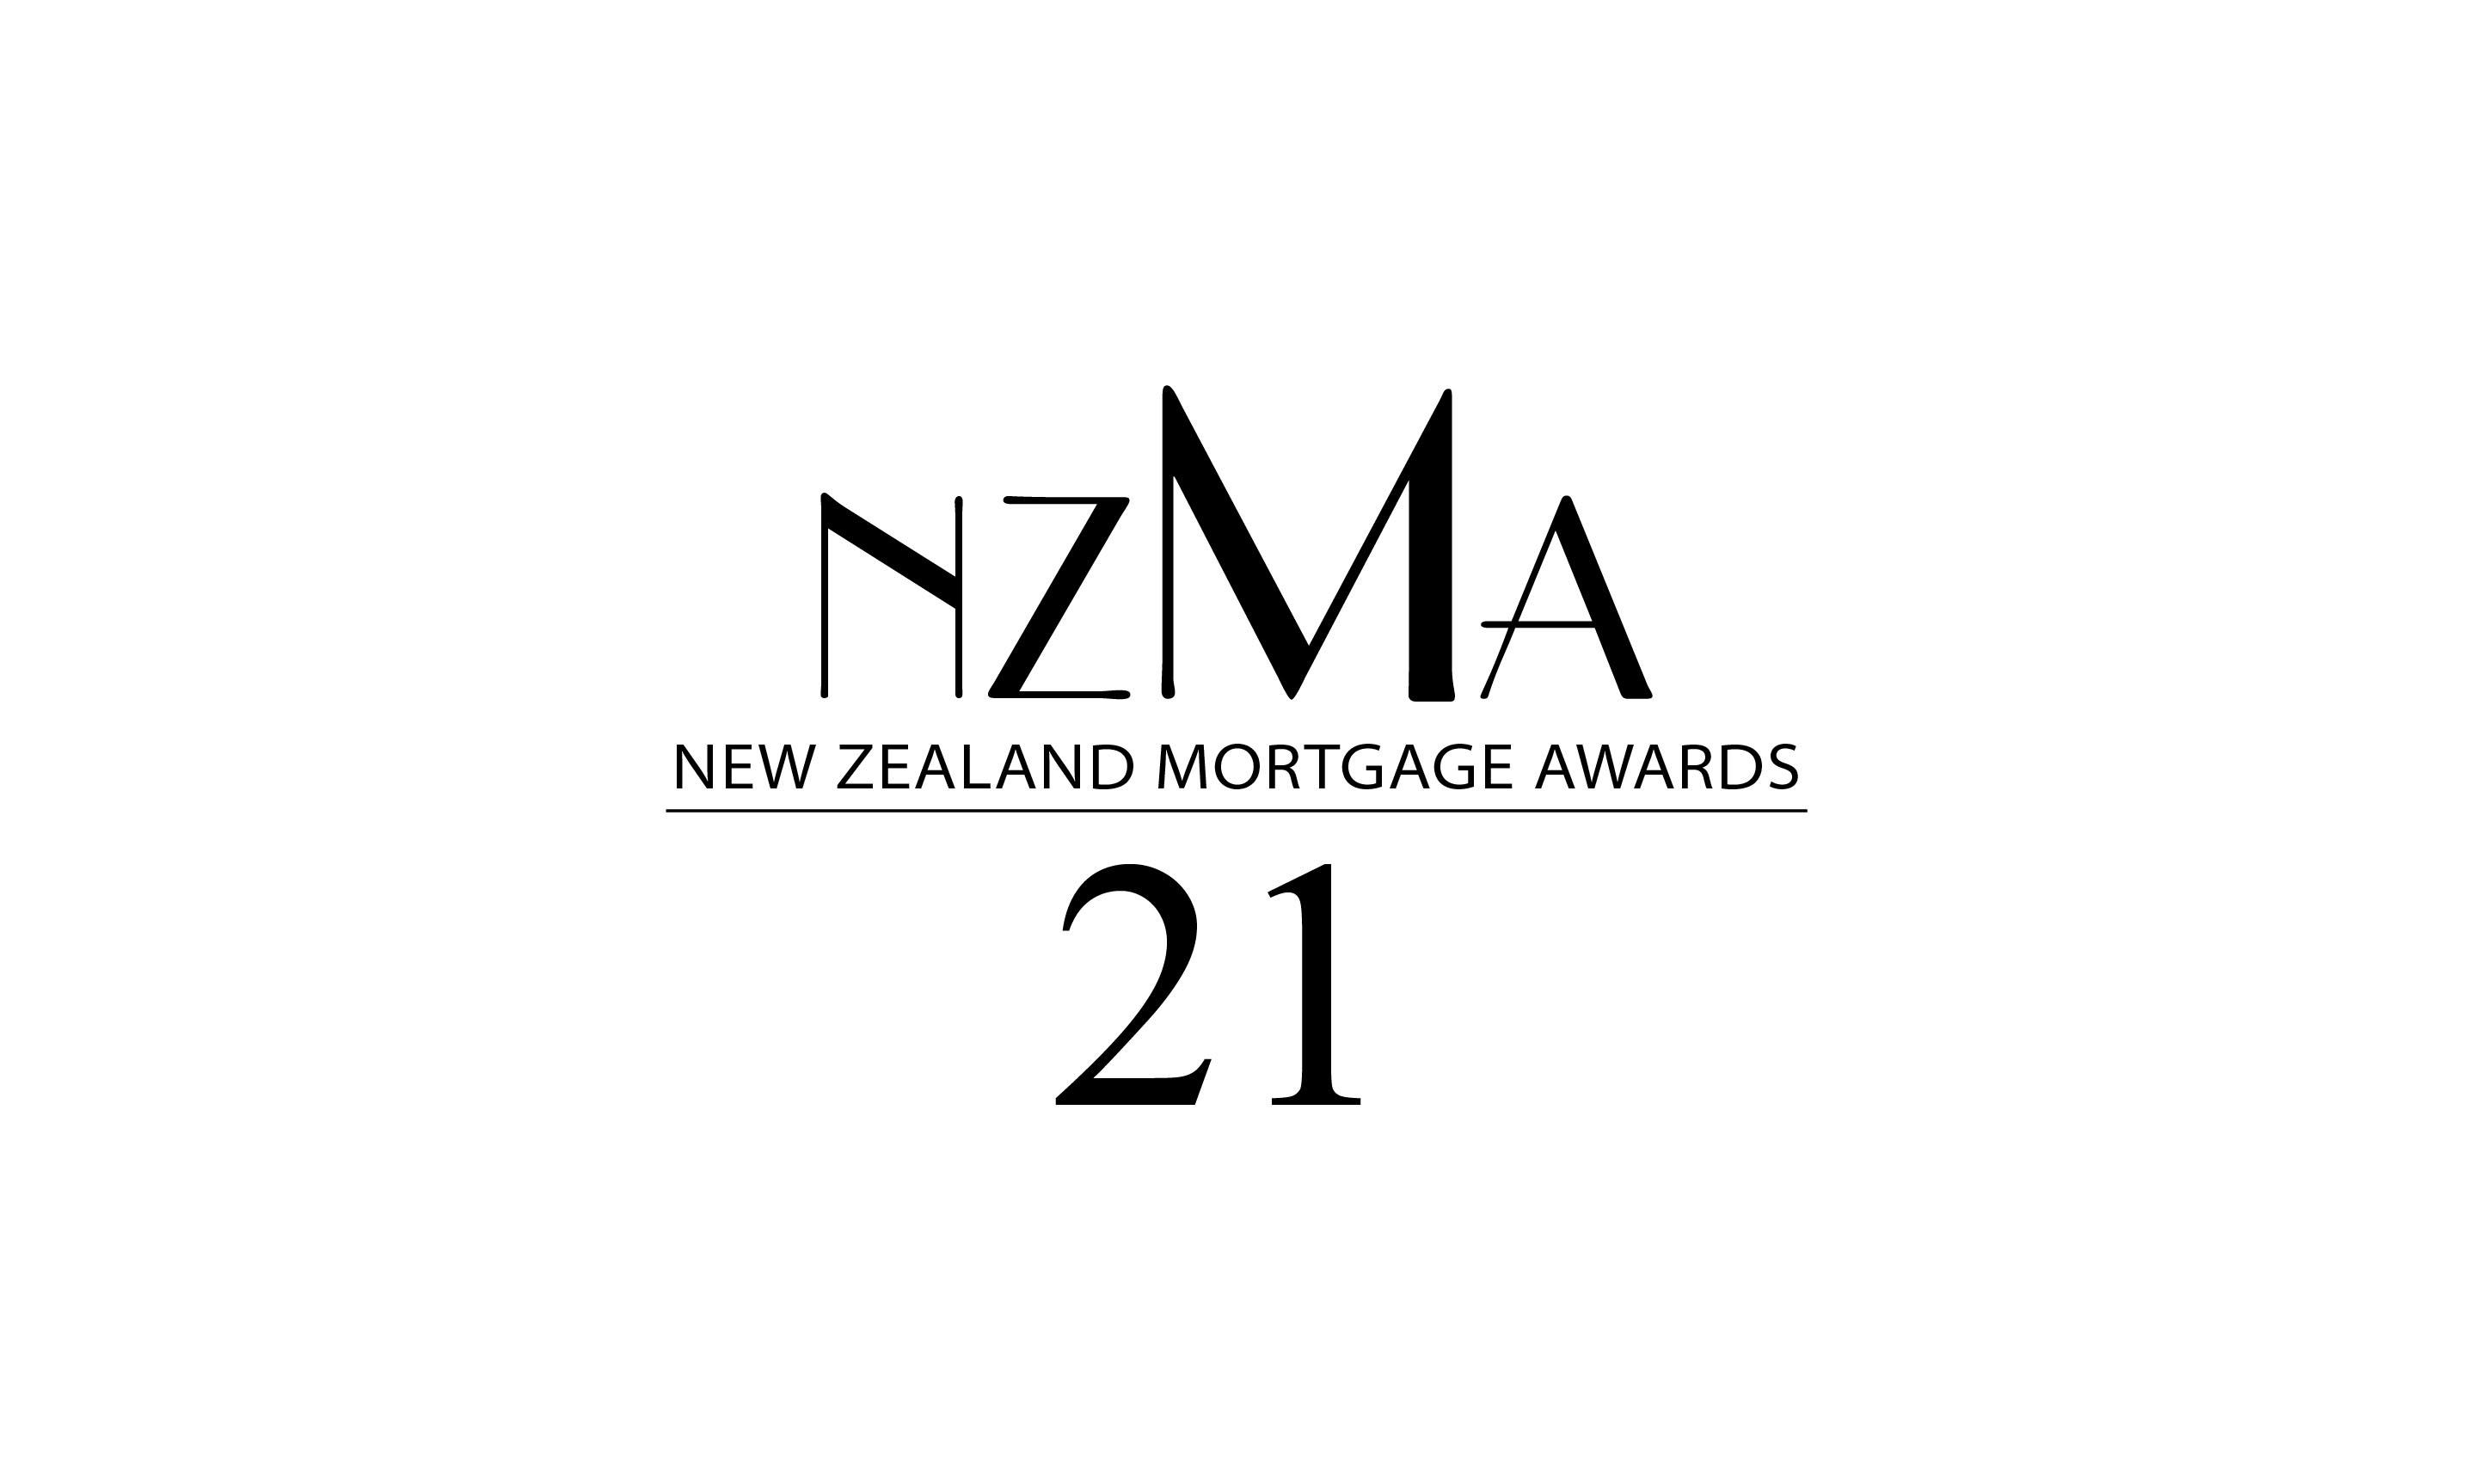 New Zealand Mortgage Awards 2021